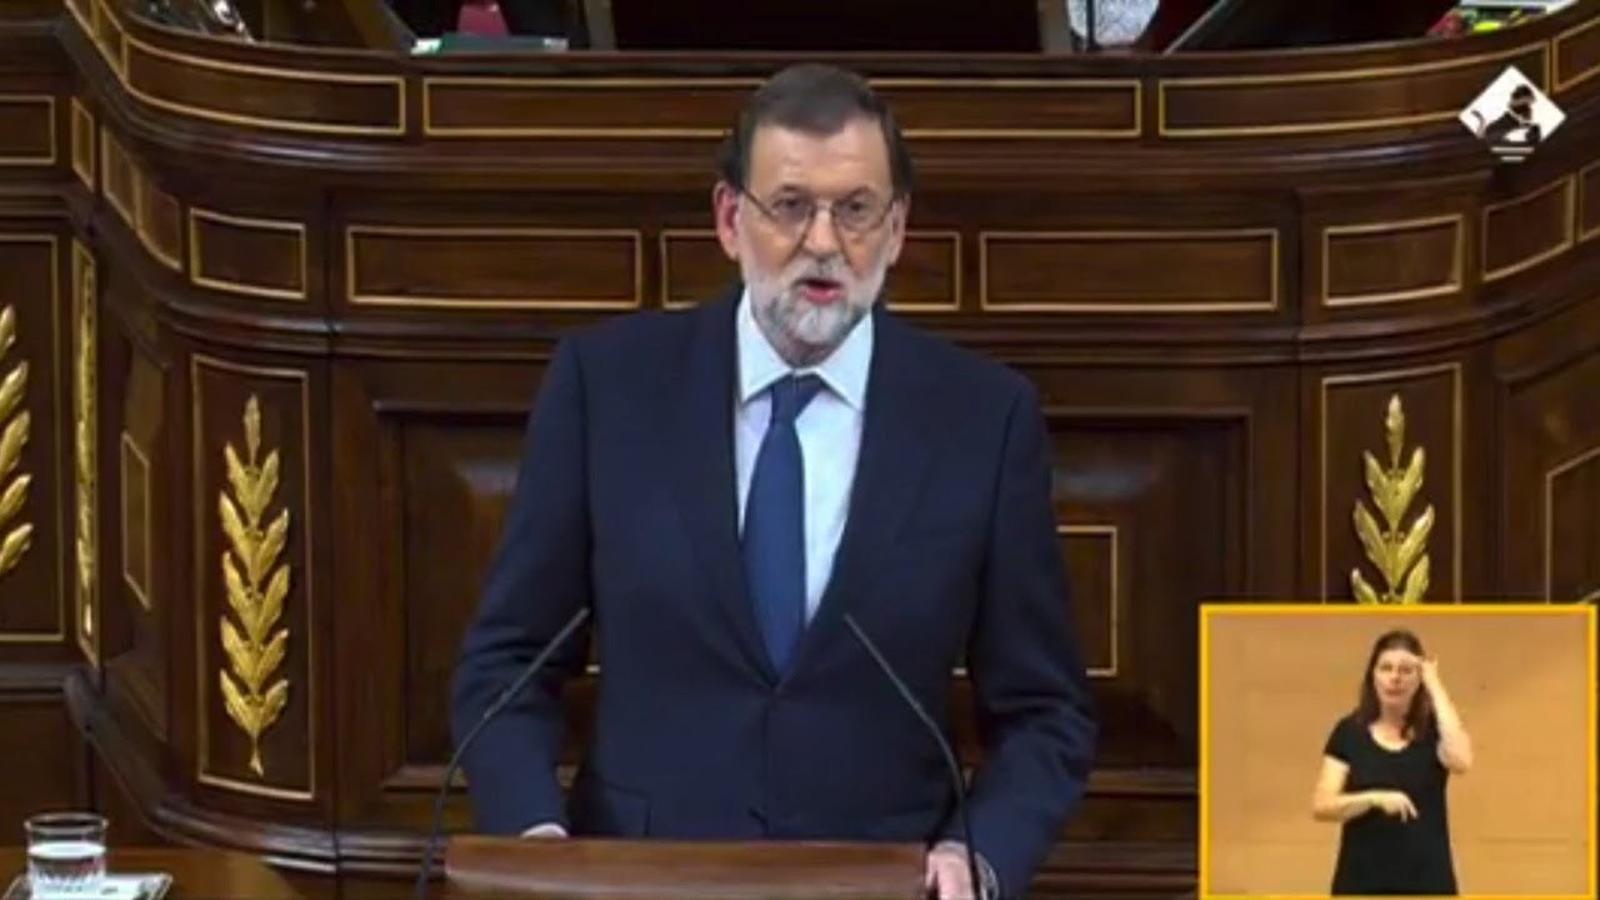 """Rajoy: """"No hi ha mediació possible entre la llei democràtica i la desobediència o la il·legalitat"""""""